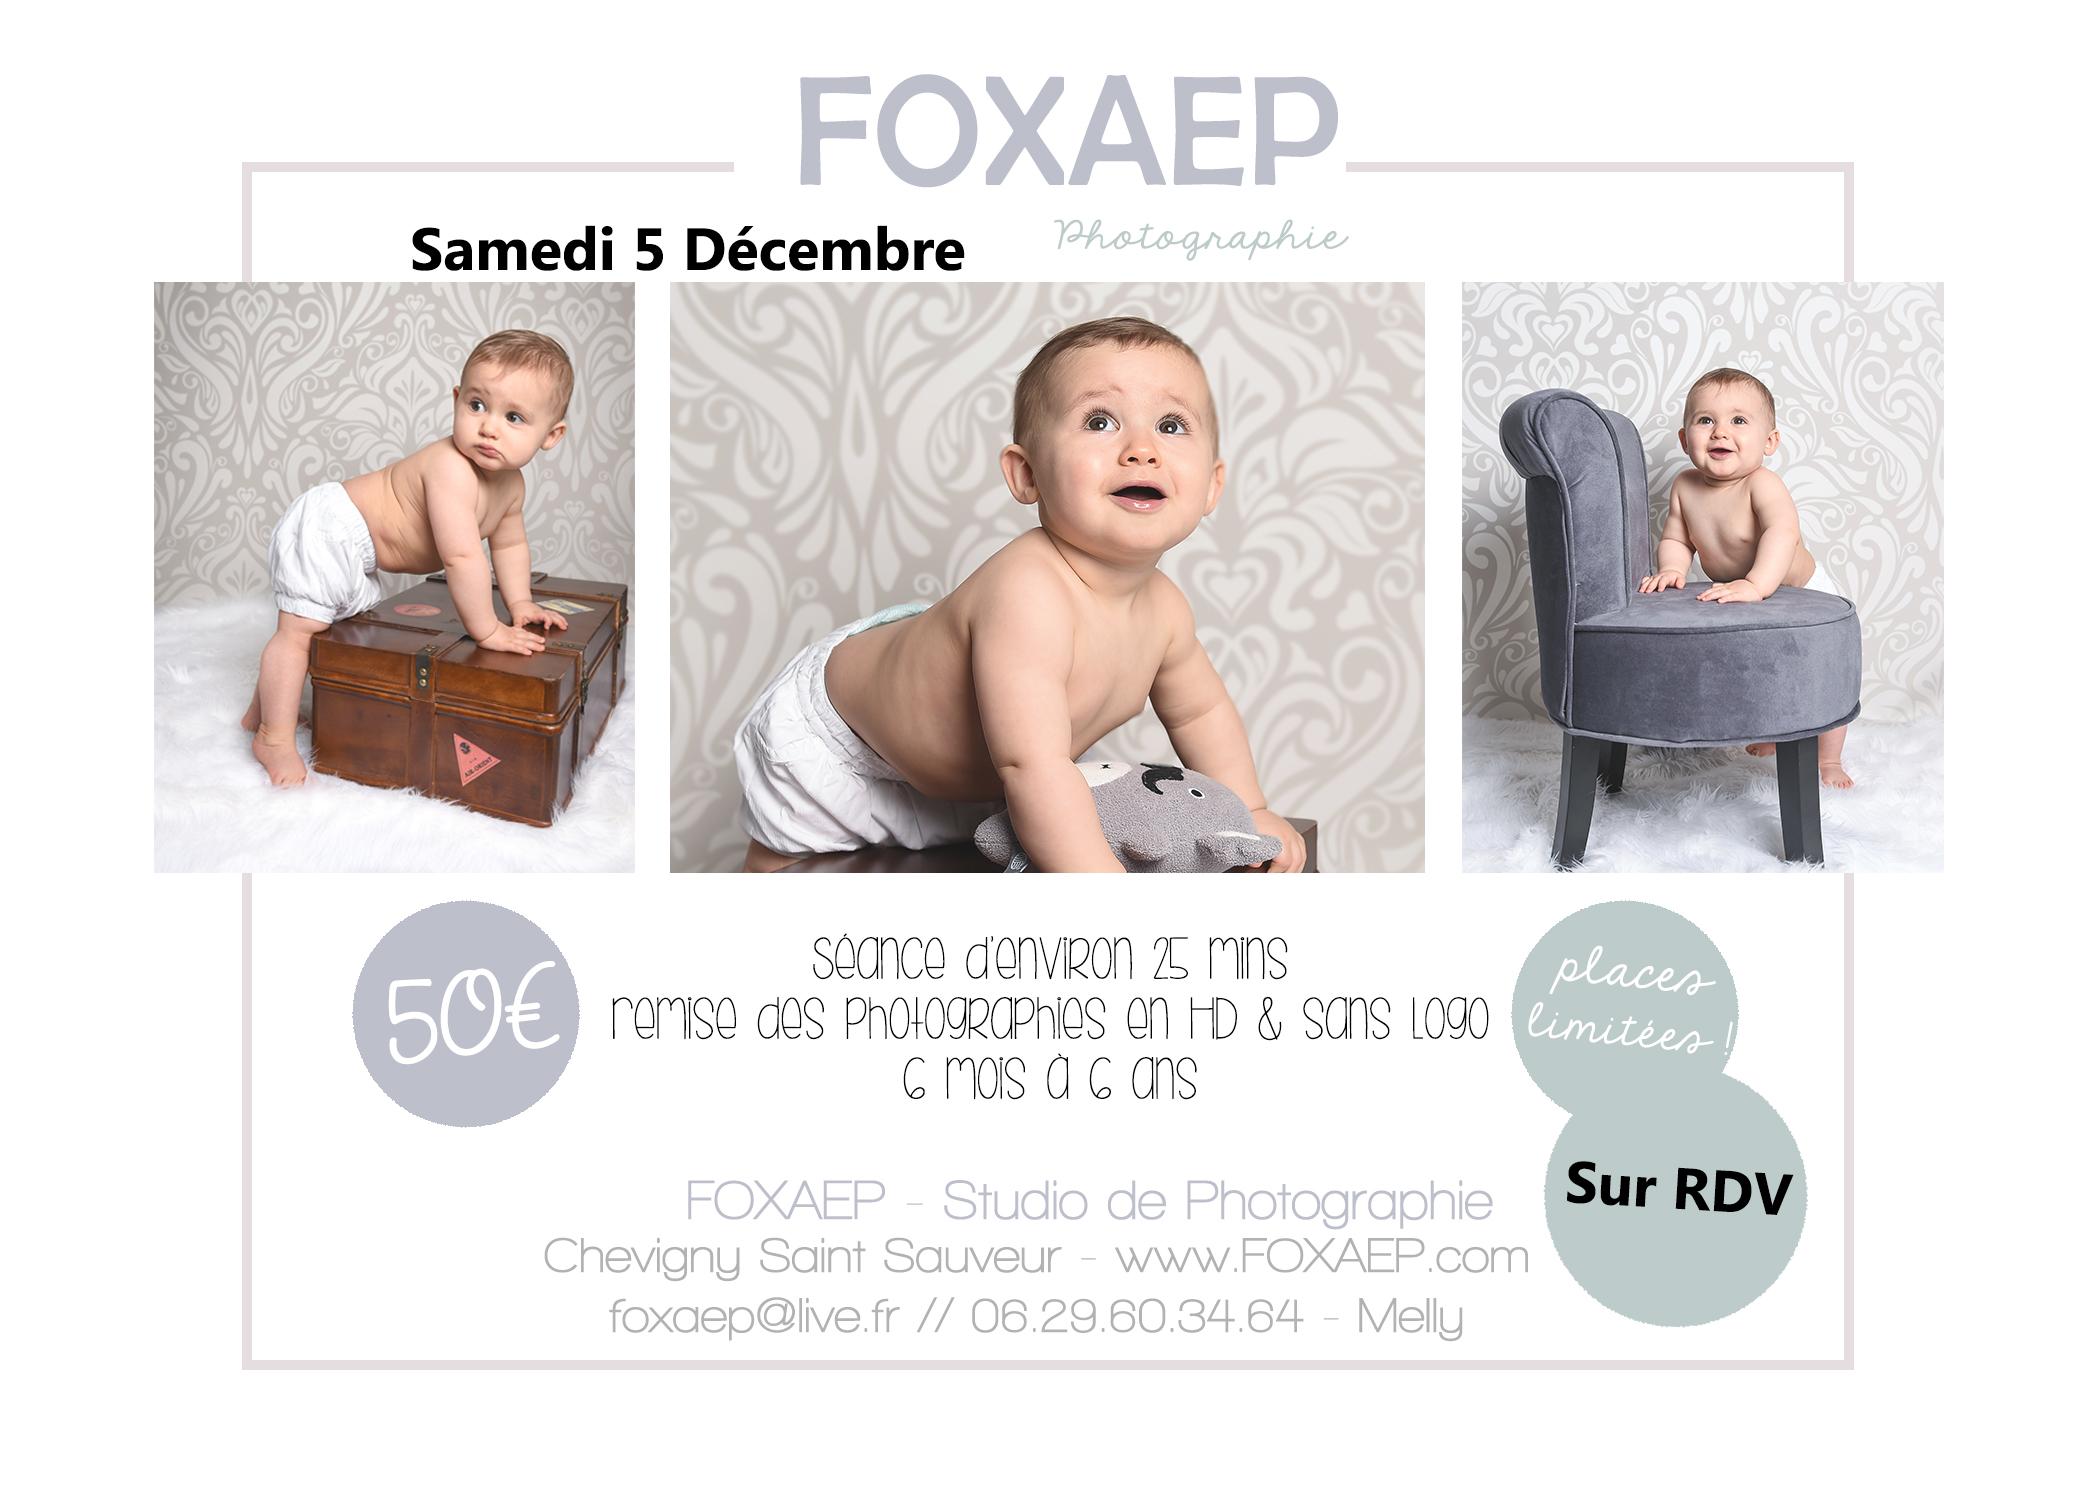 séance bébé, nouveau né, dijon, photographe, foxaep